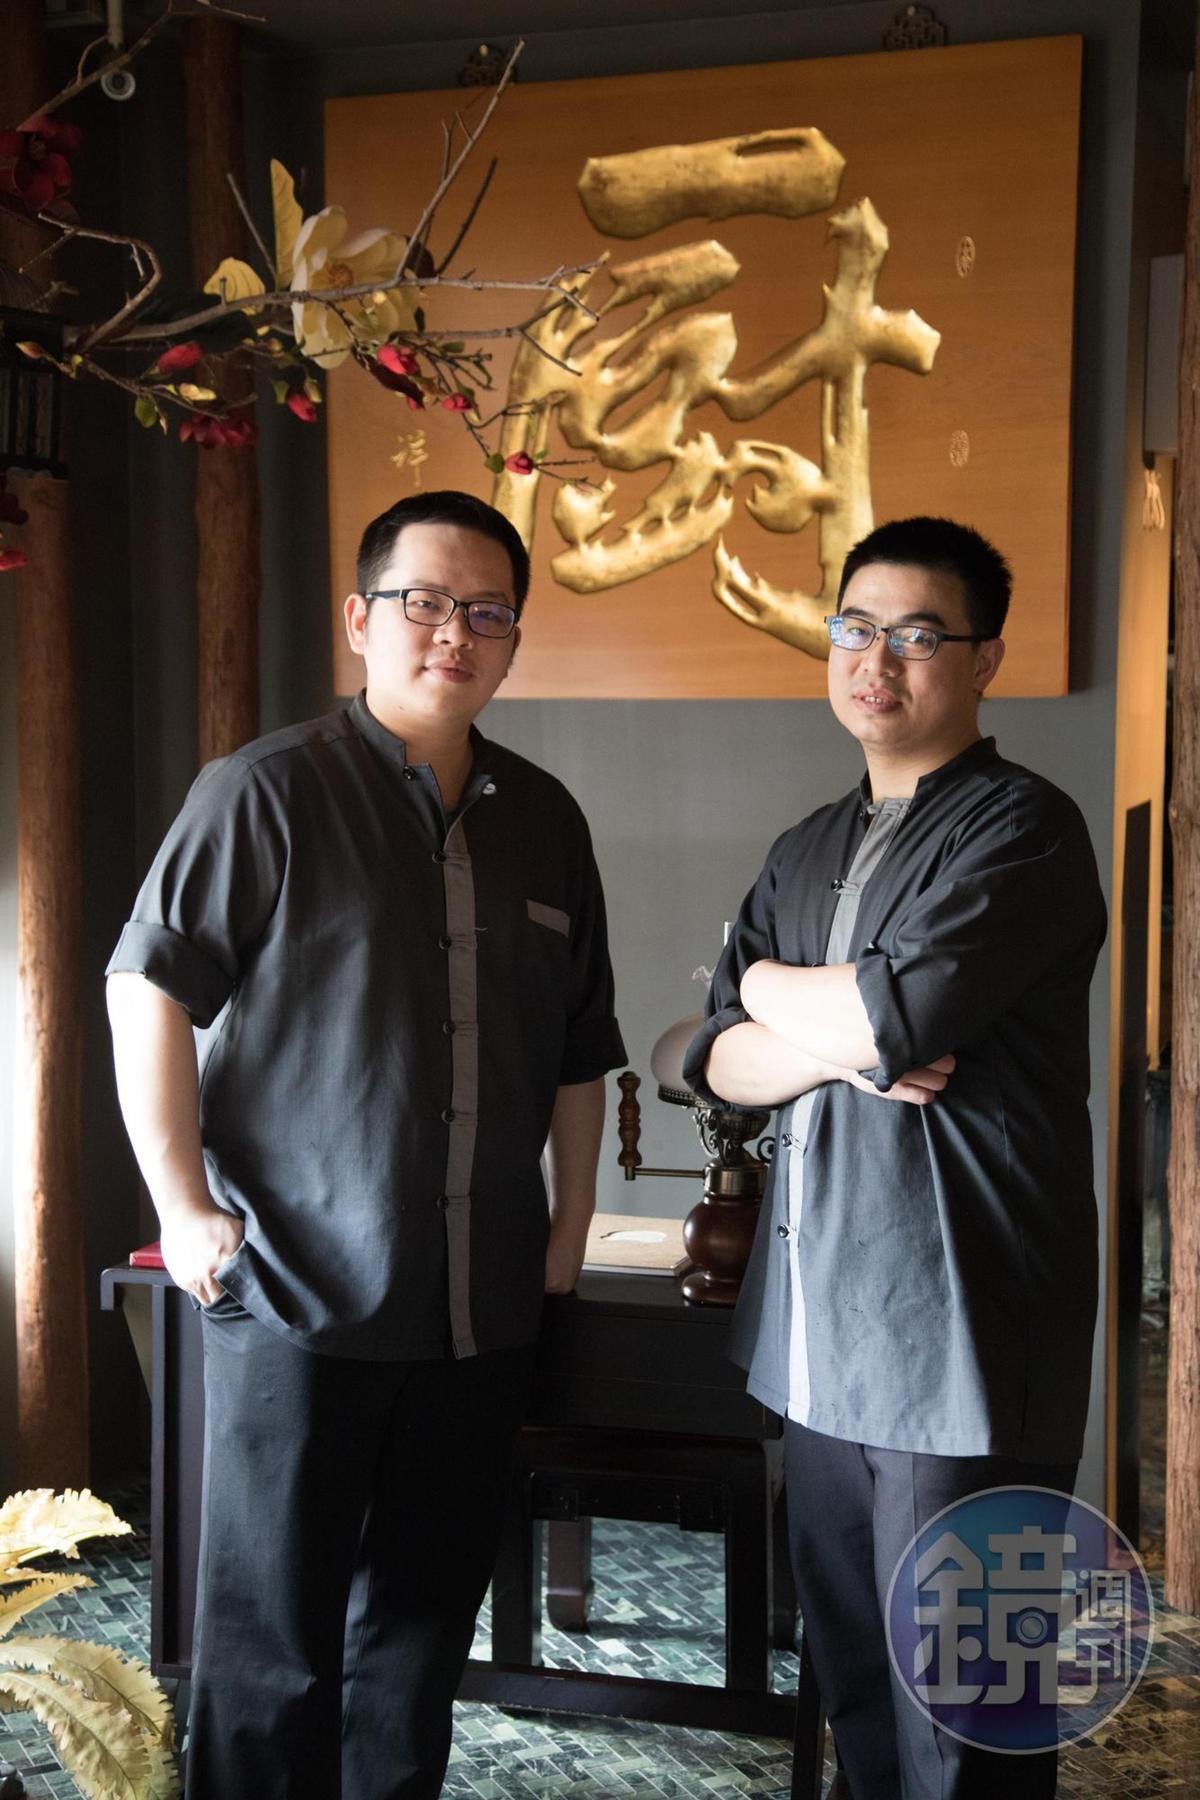 菜色品質由陳兆麟監督,內場由陳兆麟兒子陳冠宇(左)和廚務部主任蔡依迪(右)一同合作,年輕人互相激盪烹調台菜的想法。